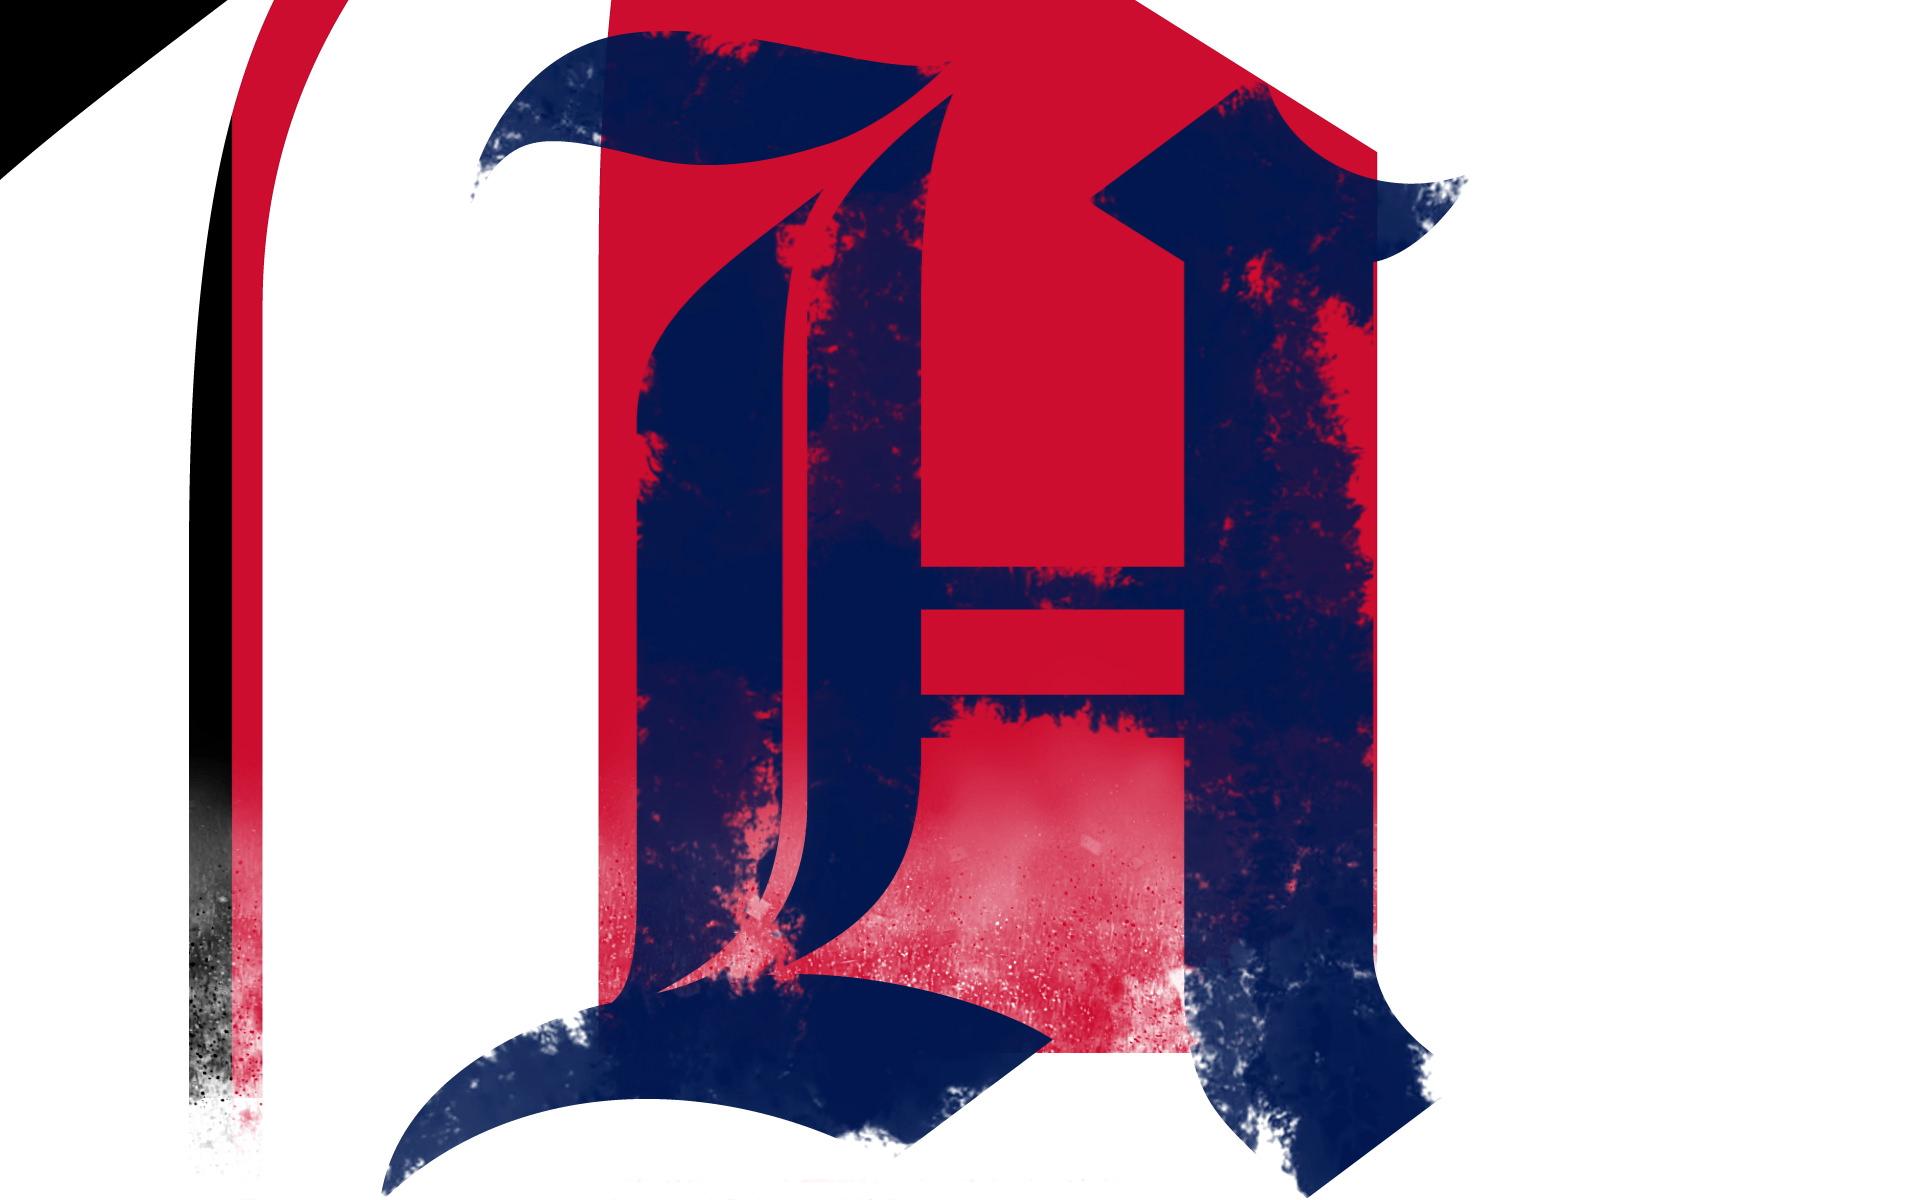 LH_Logo Reveal A_LogoWall_v03.00_00_34_03.Still002.jpg